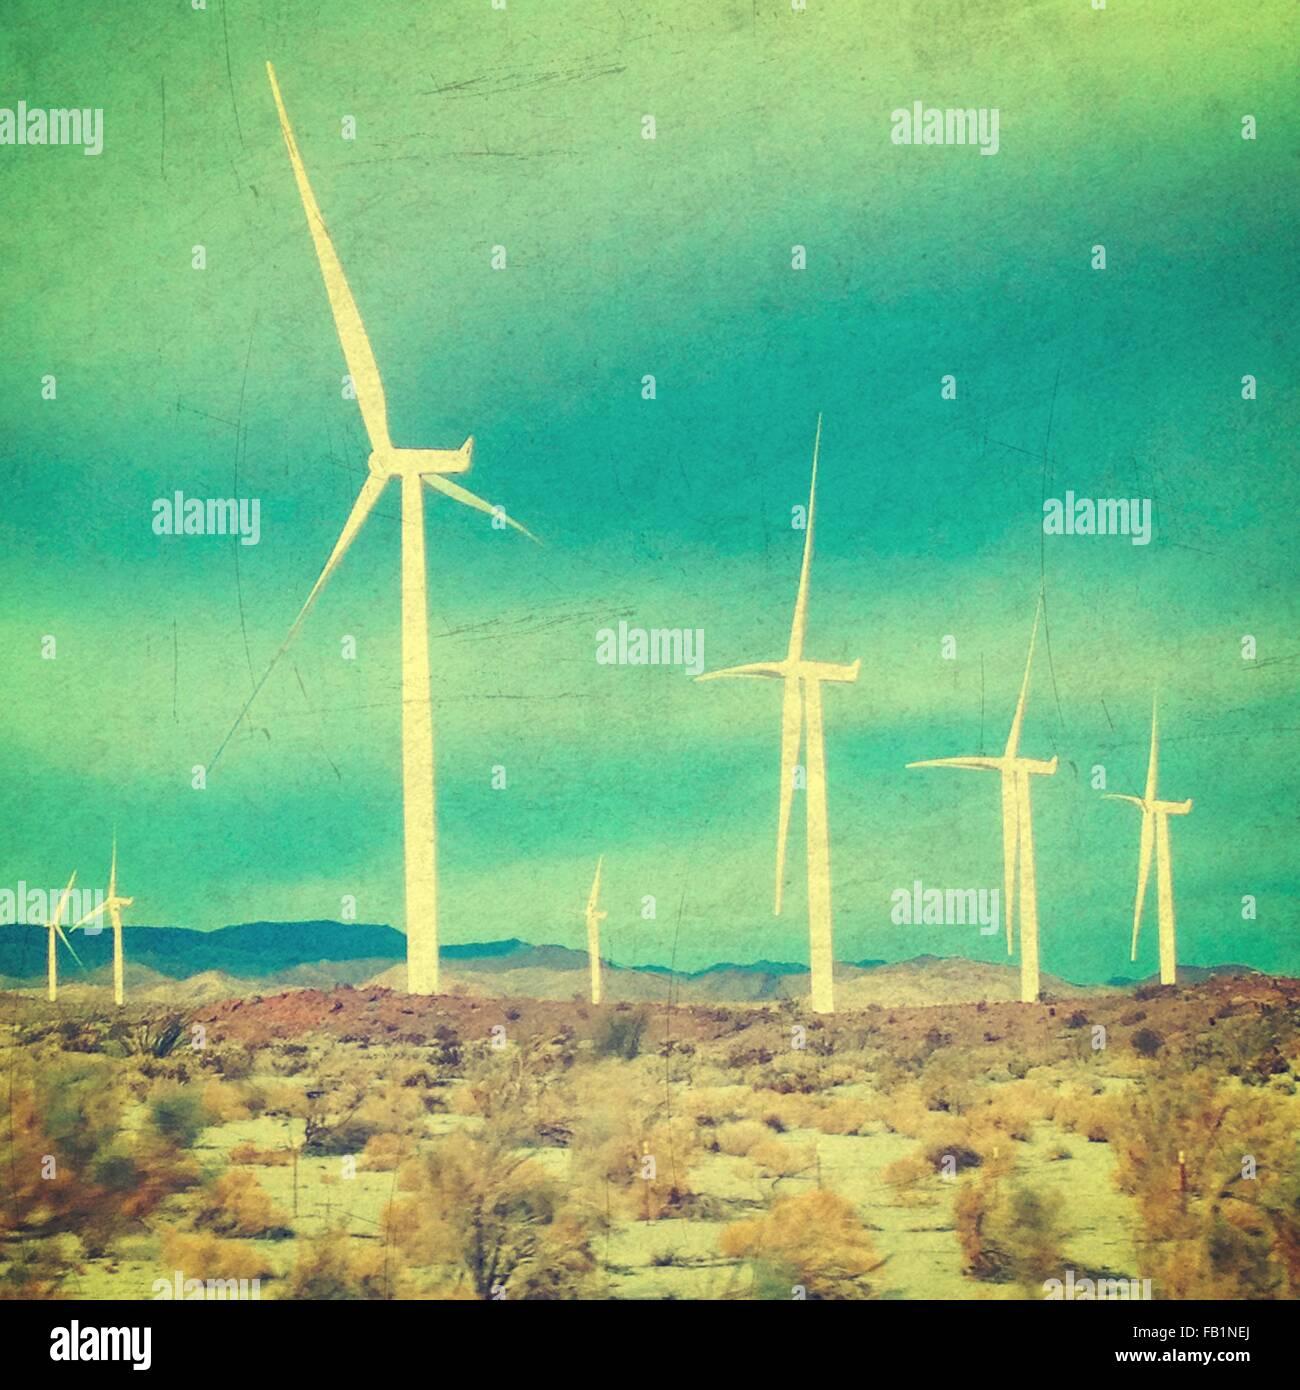 Molinos de viento en el desierto Imagen De Stock